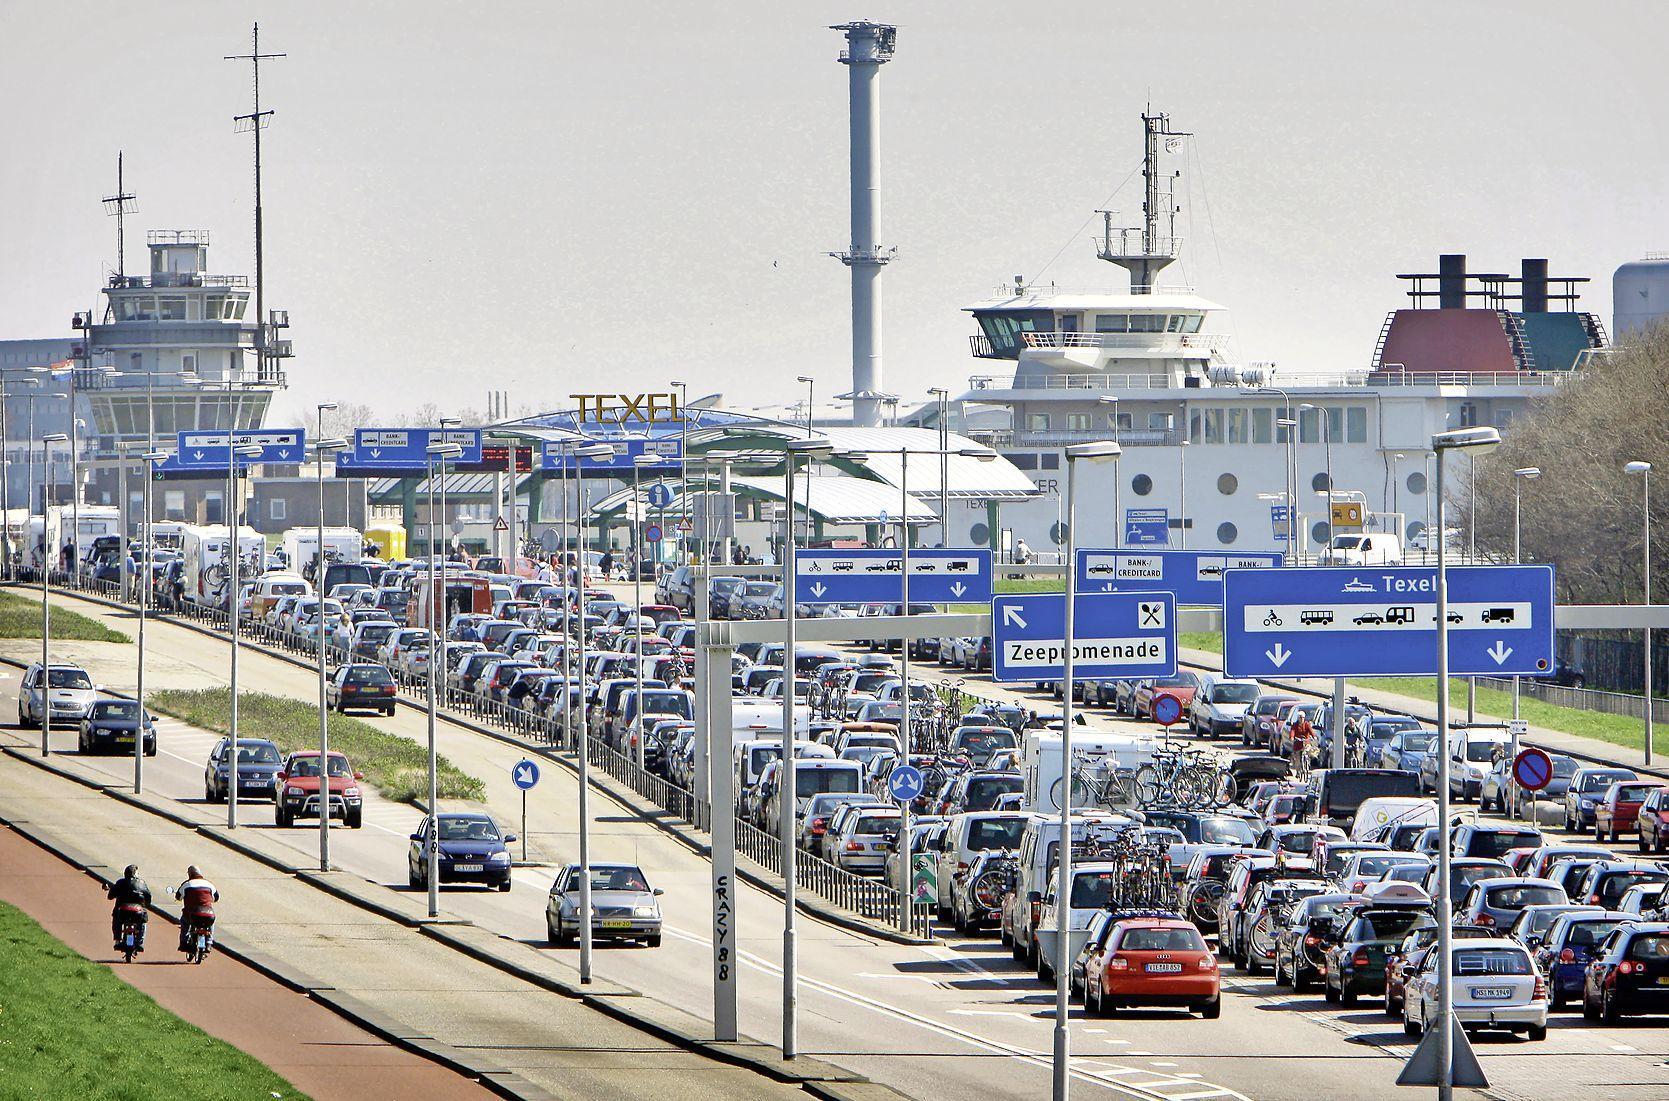 Steeds meer vakantiehuizen kunnen gratis geannuleerd worden, maar Texel blijft achter. Hoe komt dat?